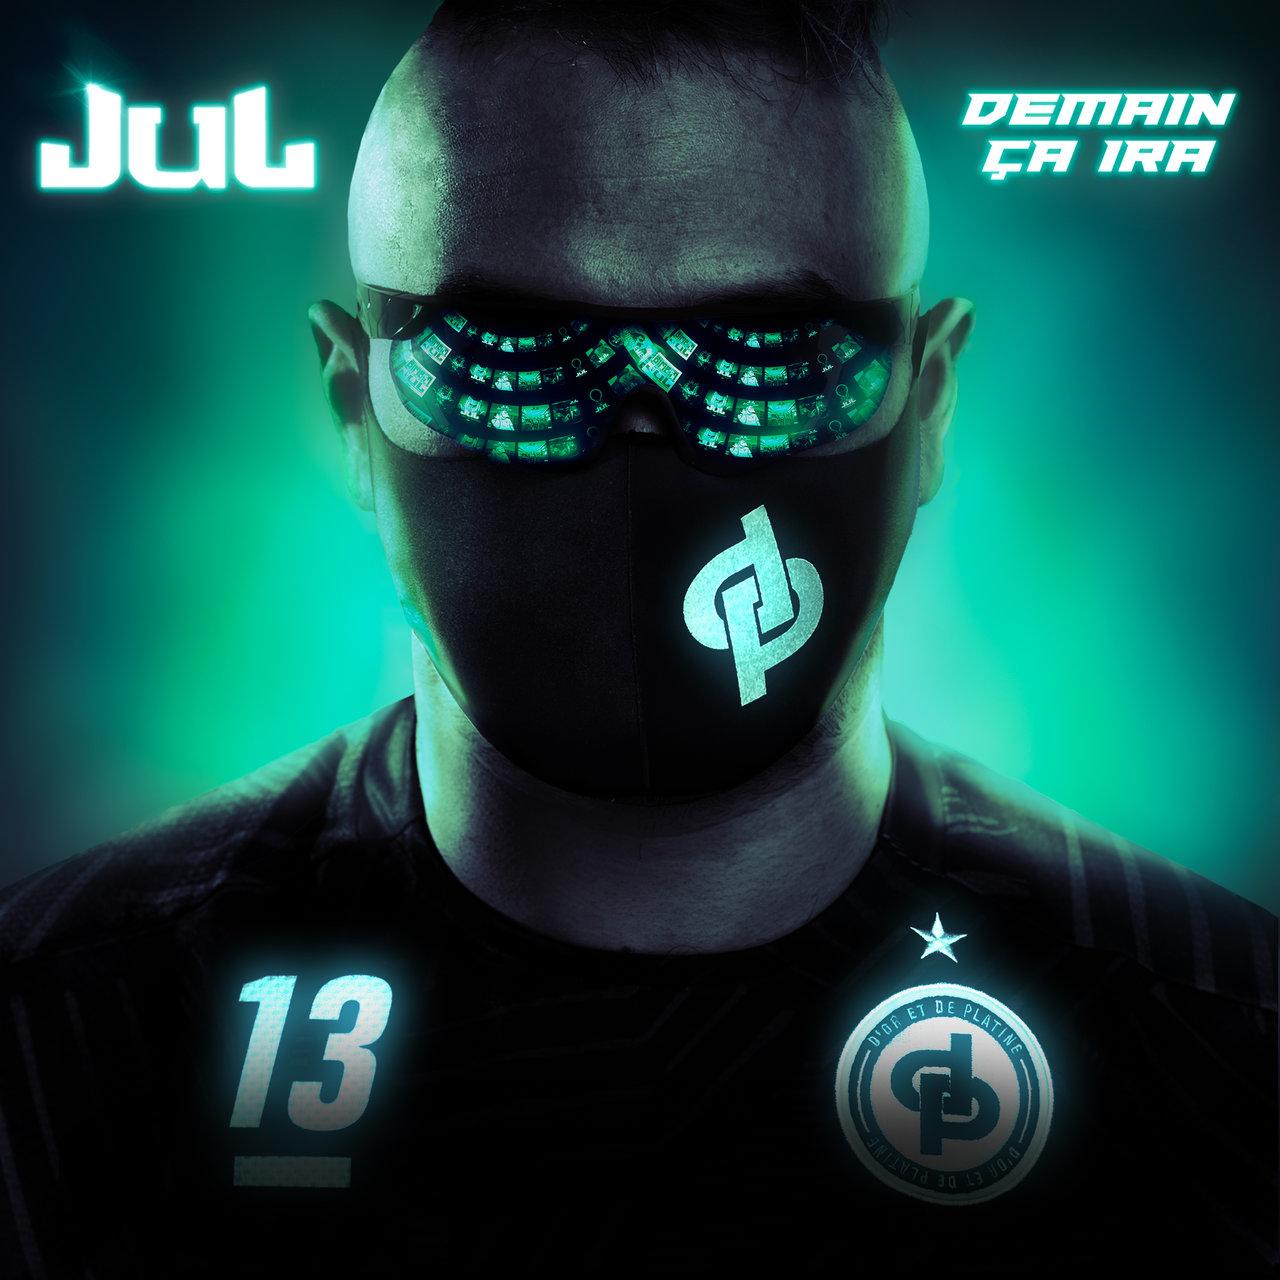 Jul - Demain Ça Ira (Cover)